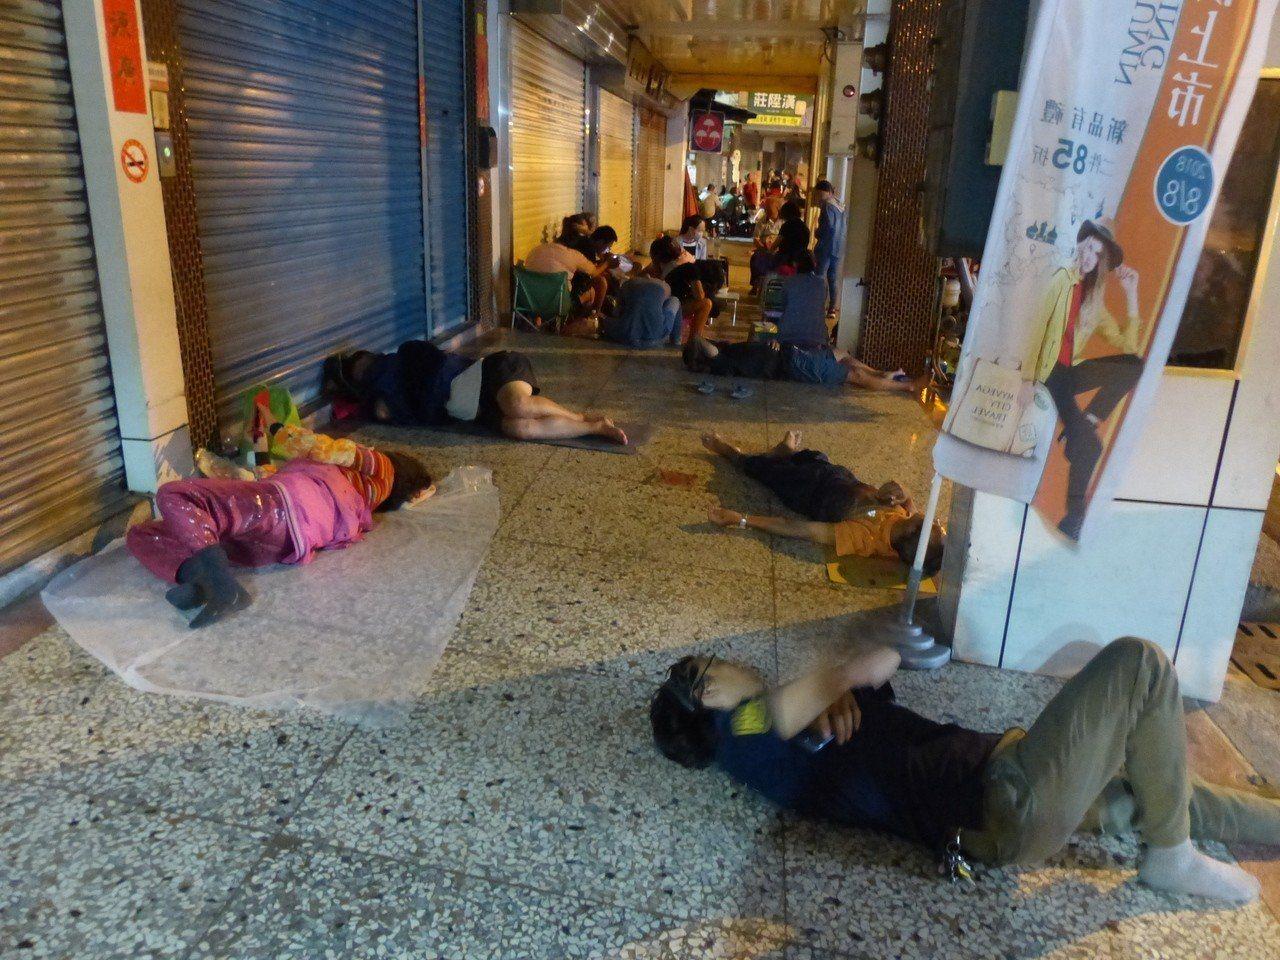 民眾排隊排累了,索性躺臥在騎樓呼呼大睡。記者劉明岩/攝影